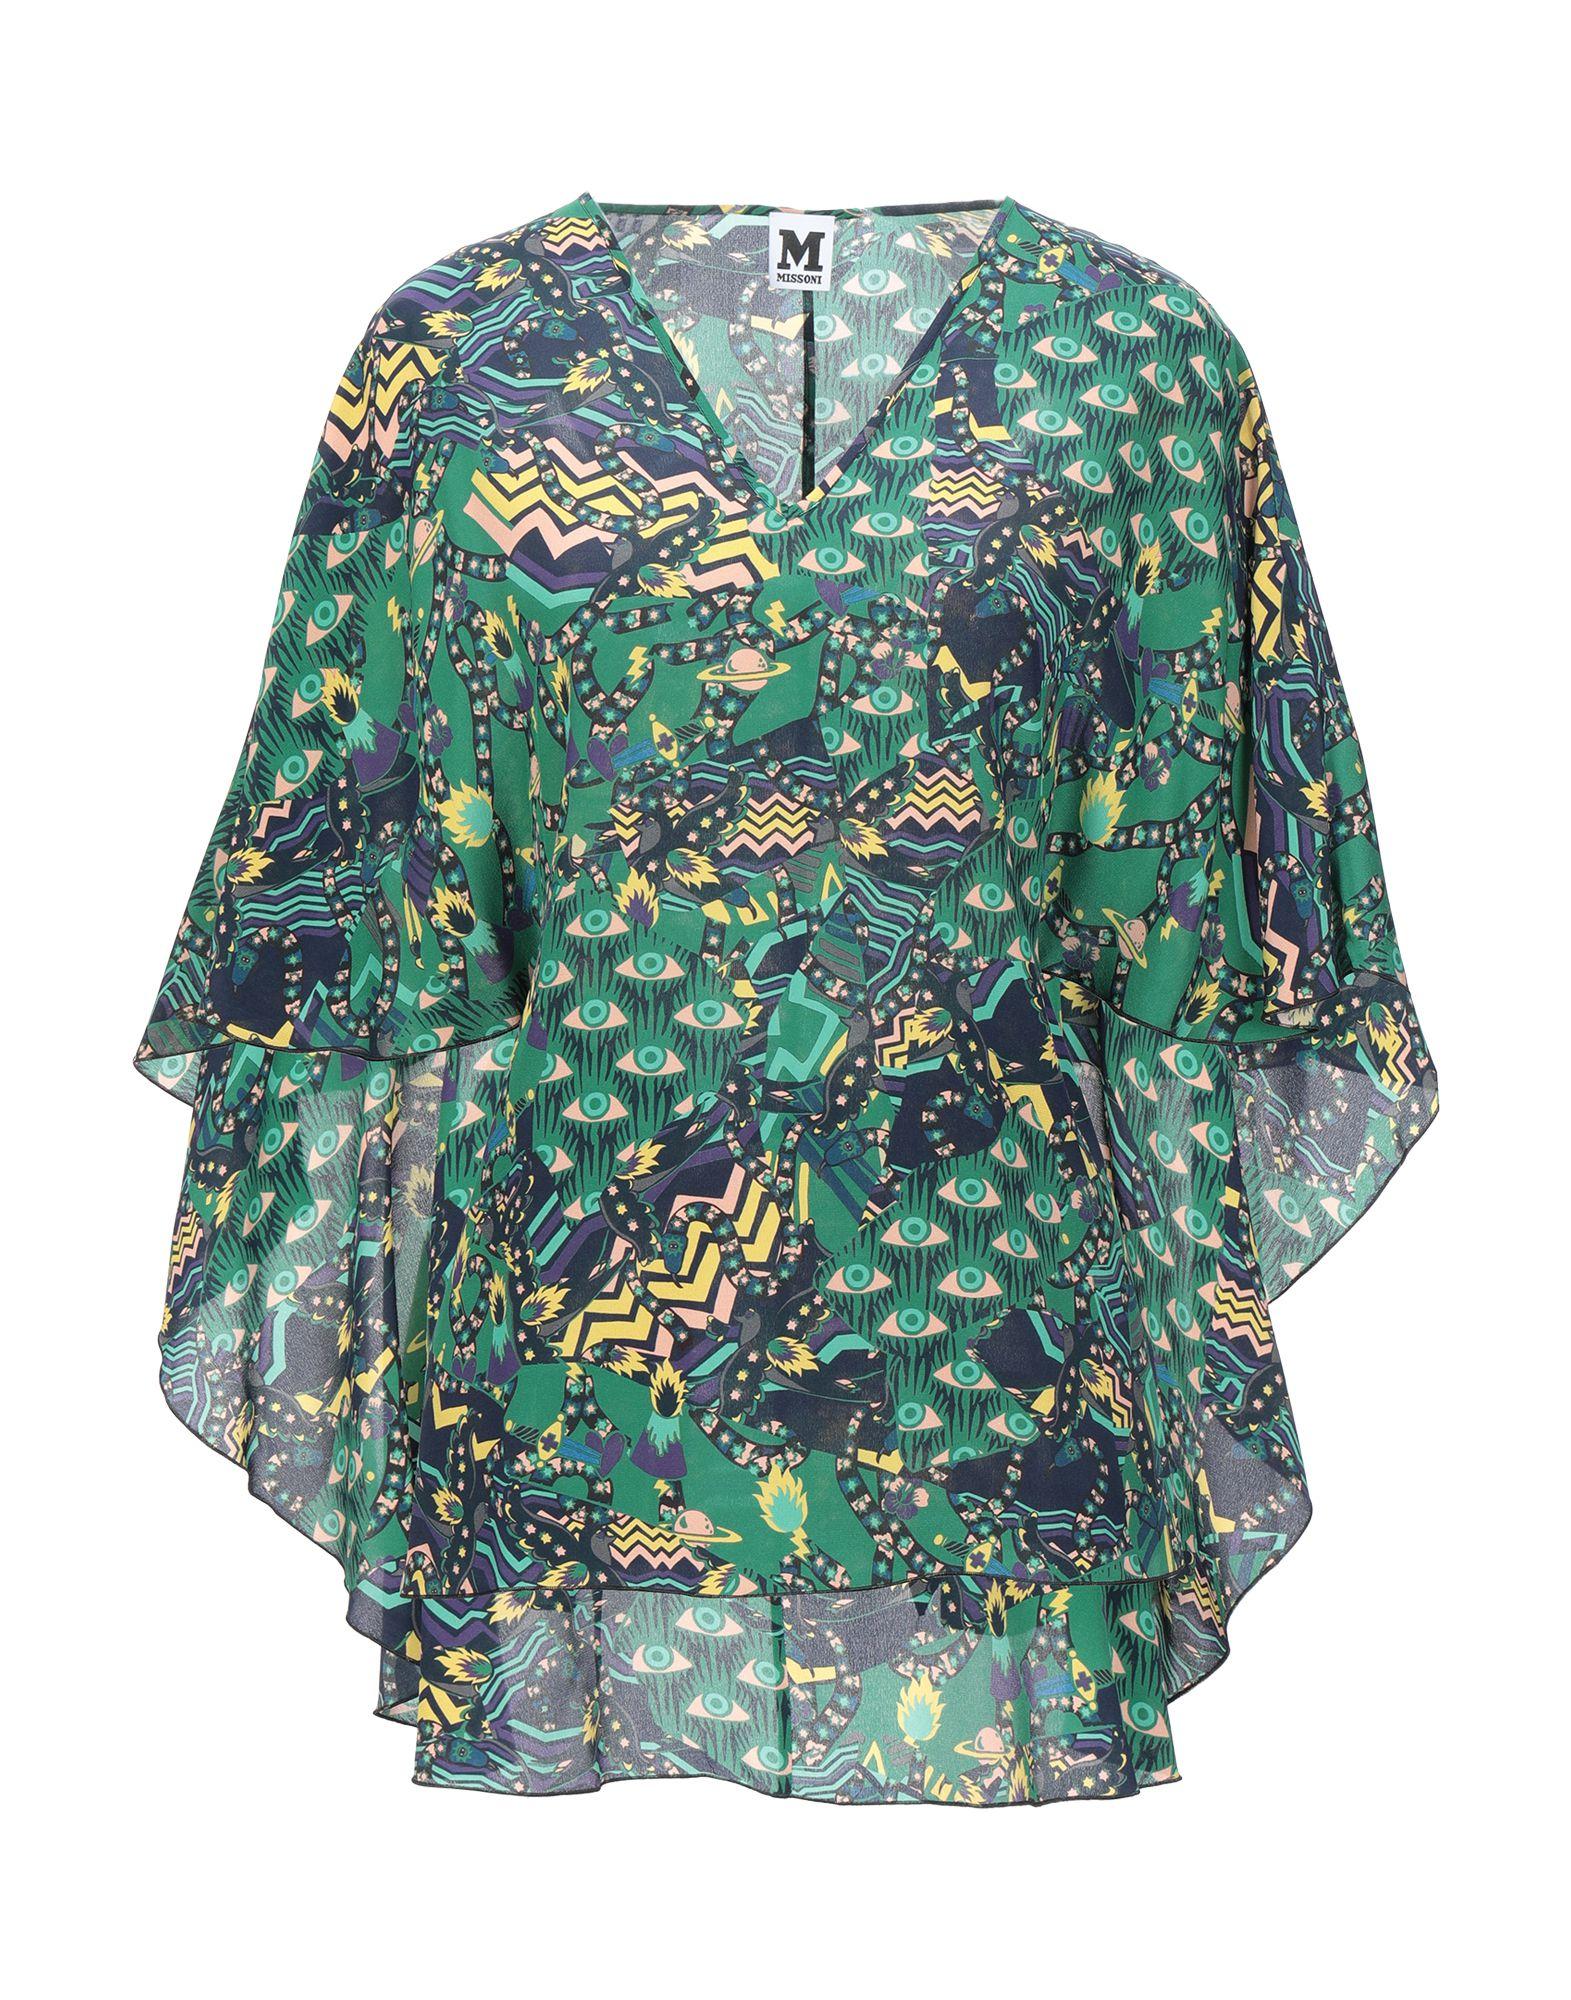 M MISSONI Блузка блузка женская tom farr цвет белый tw7583 50802 1 coll размер m 46